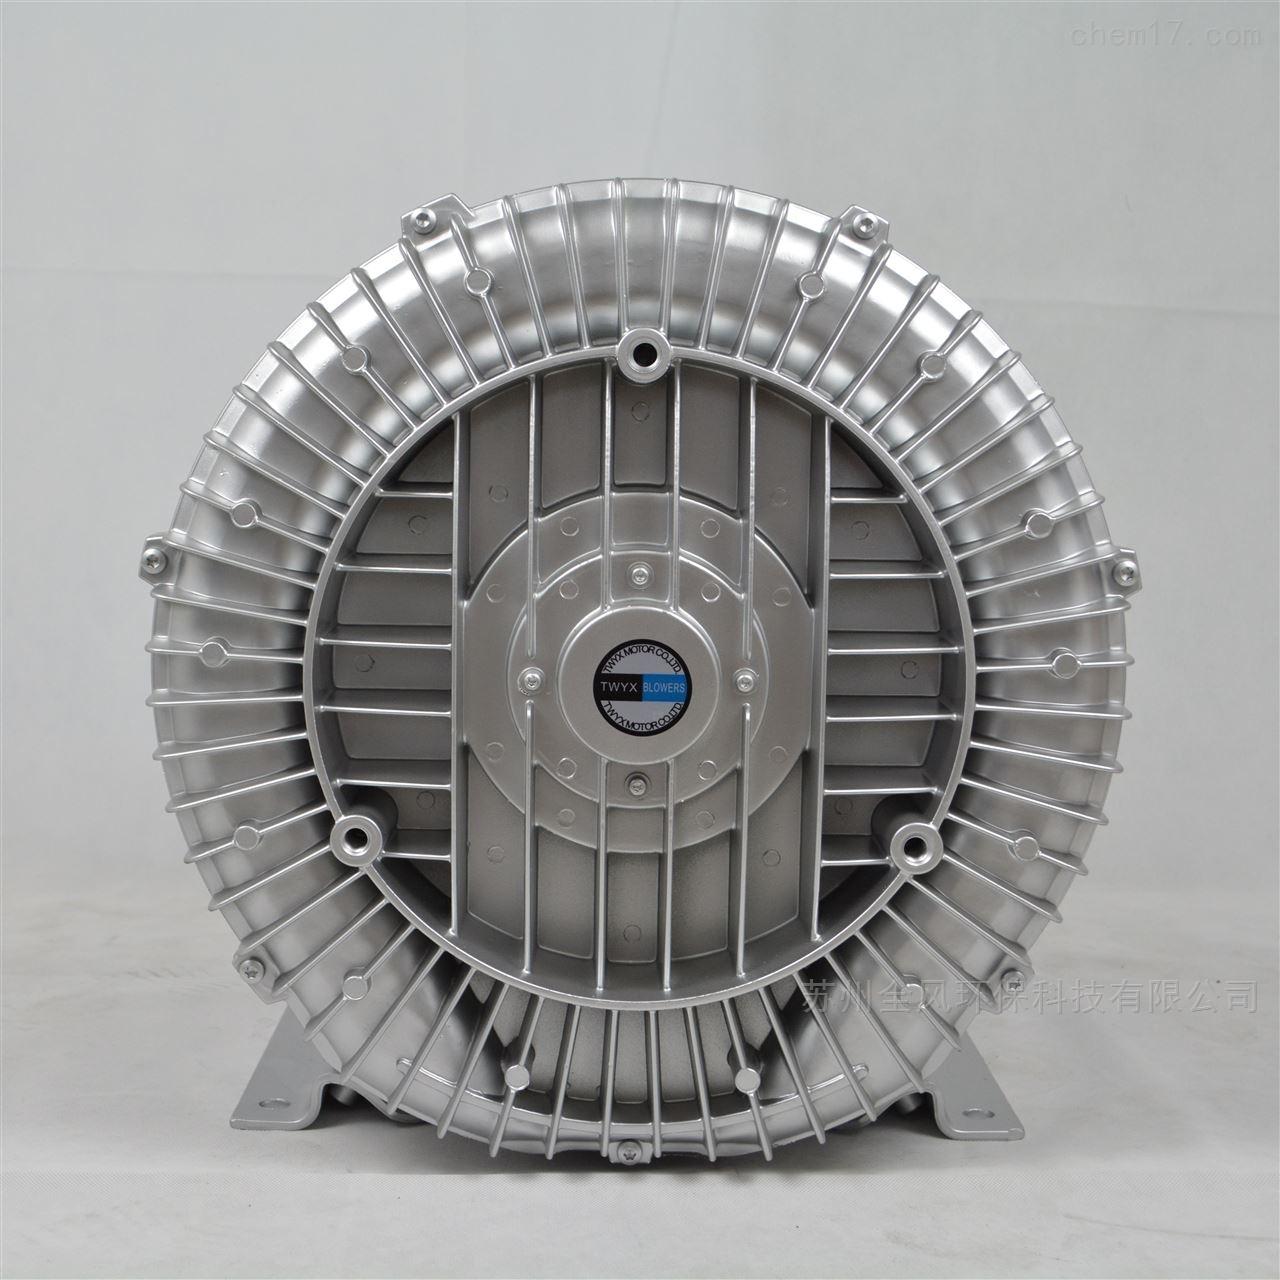 江苏全风工厂直销污水处理用曝气高压气泵